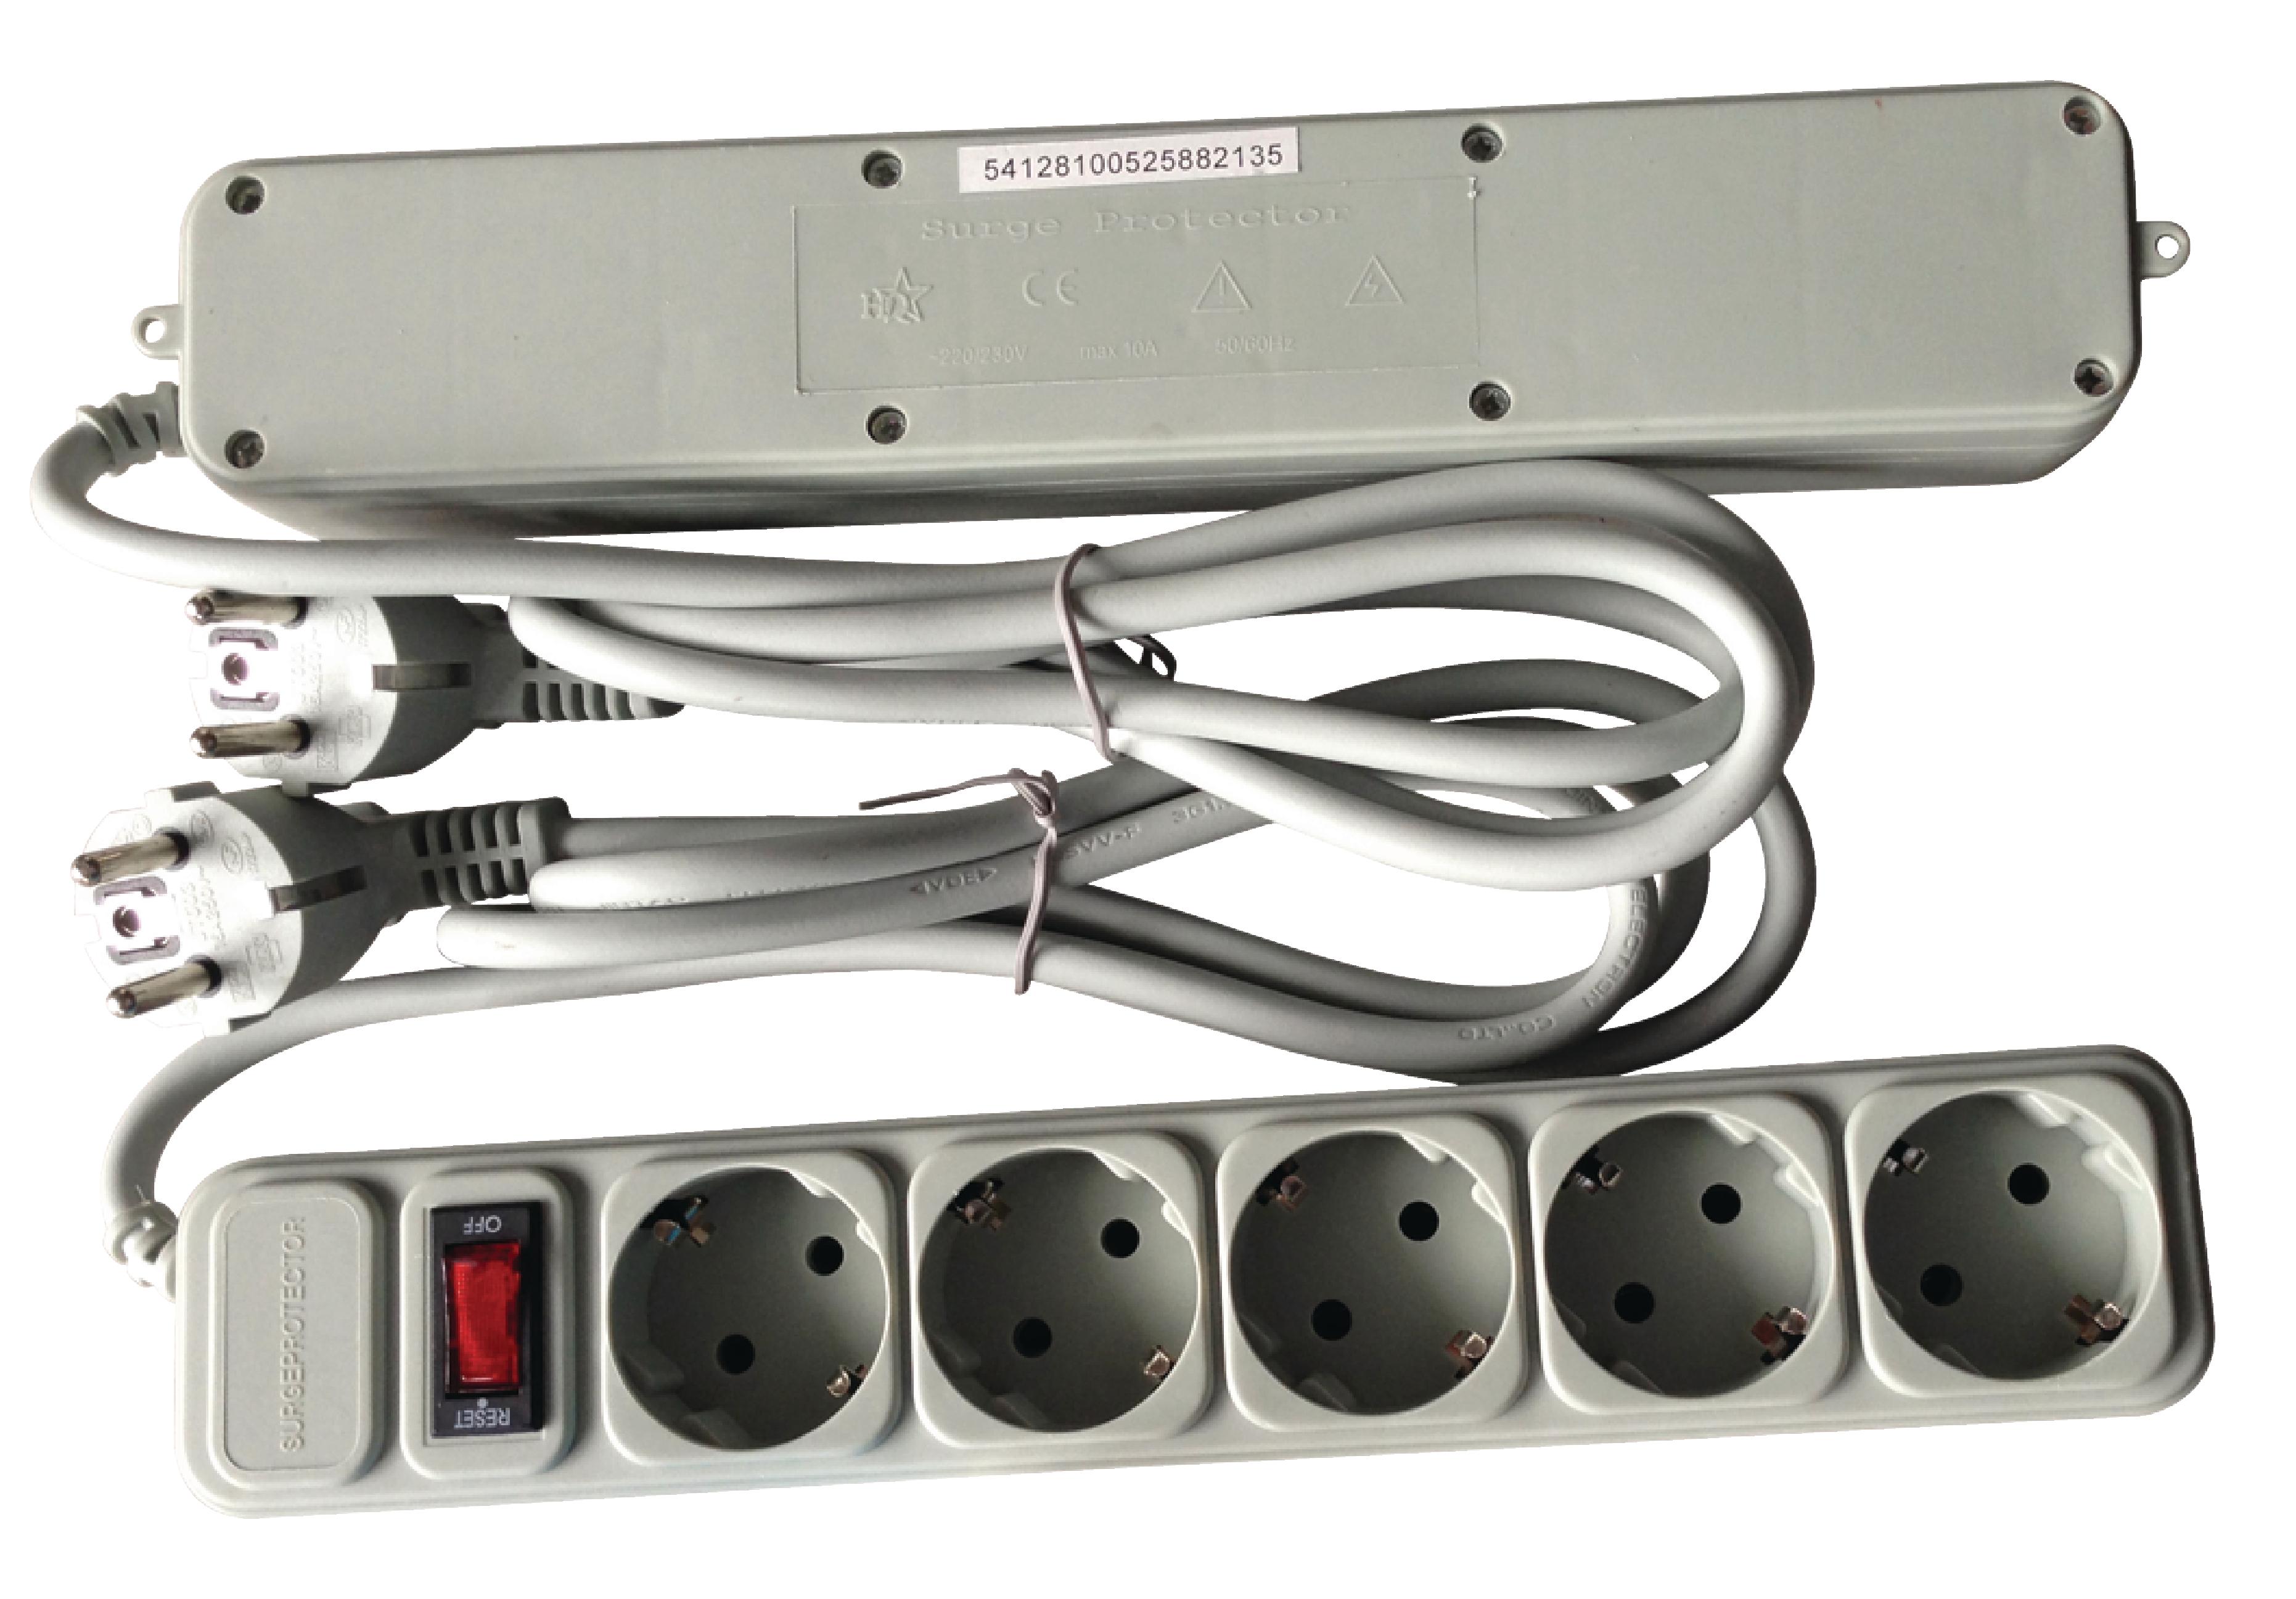 Steckdosenleiste-5fach-45-mit-Schalter-und-Uberspannungsschutz-EL-TCD05PW